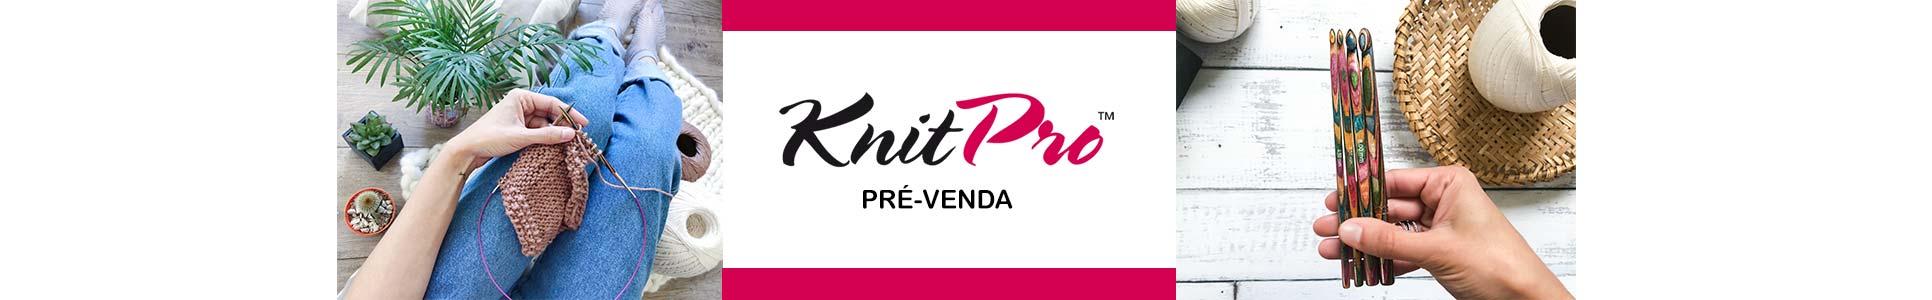 KinitPro